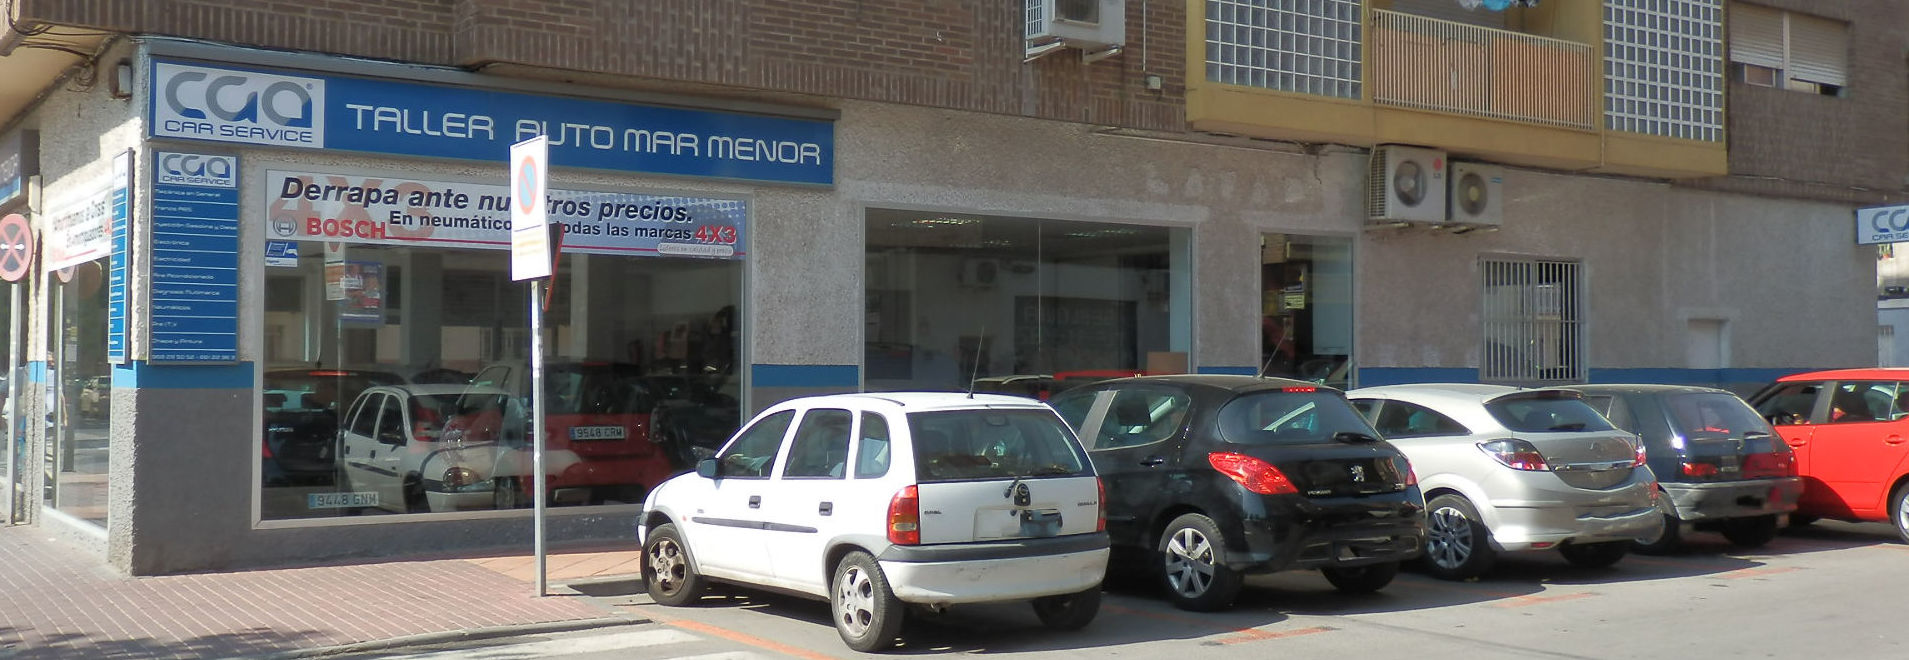 Taller económico en Murcia